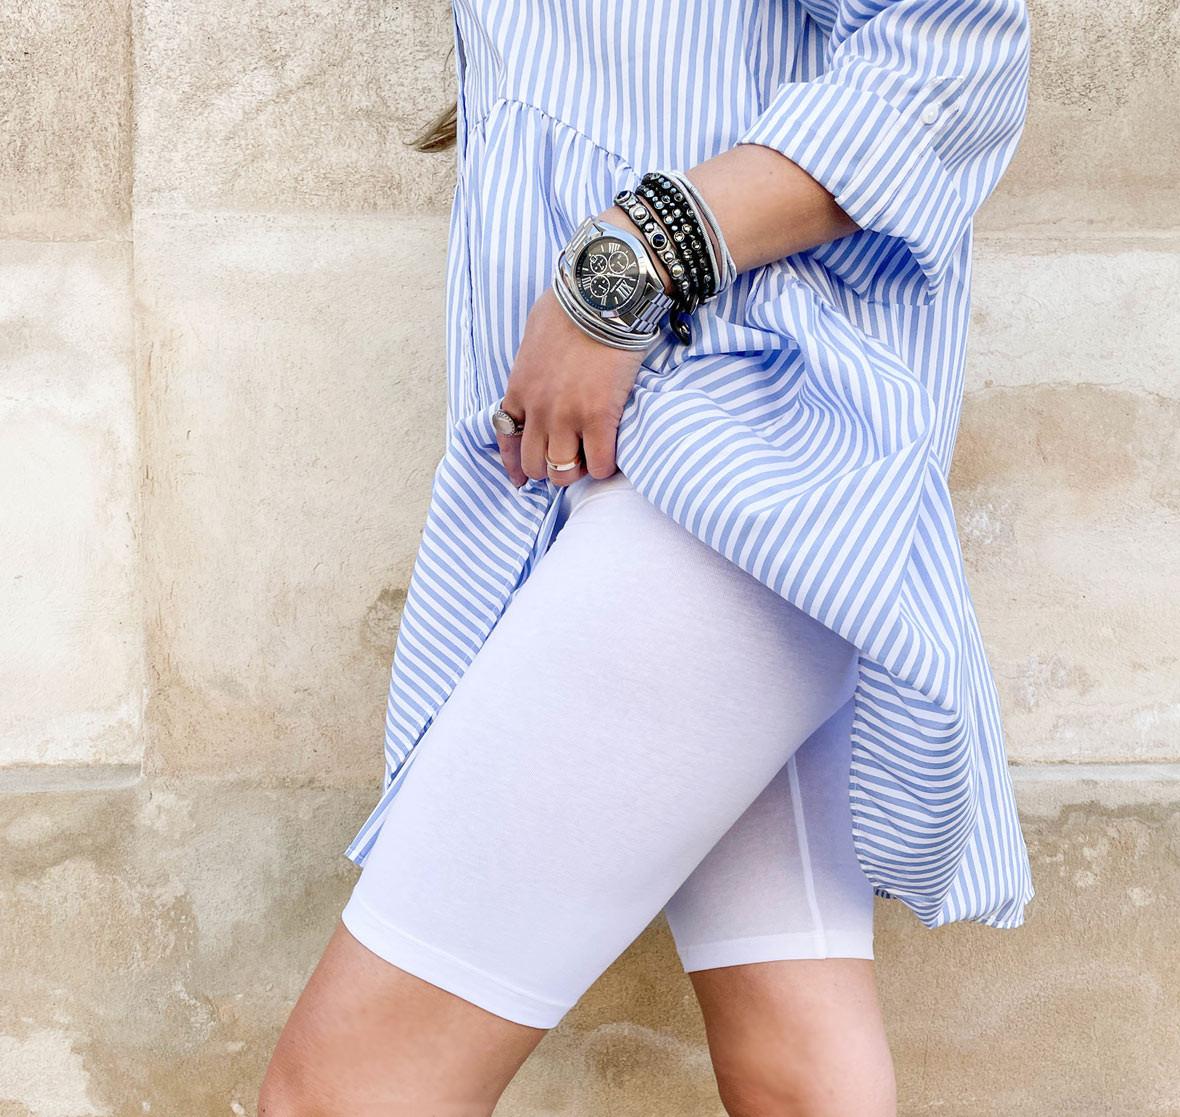 shorts_til_under_kjoler.jpg